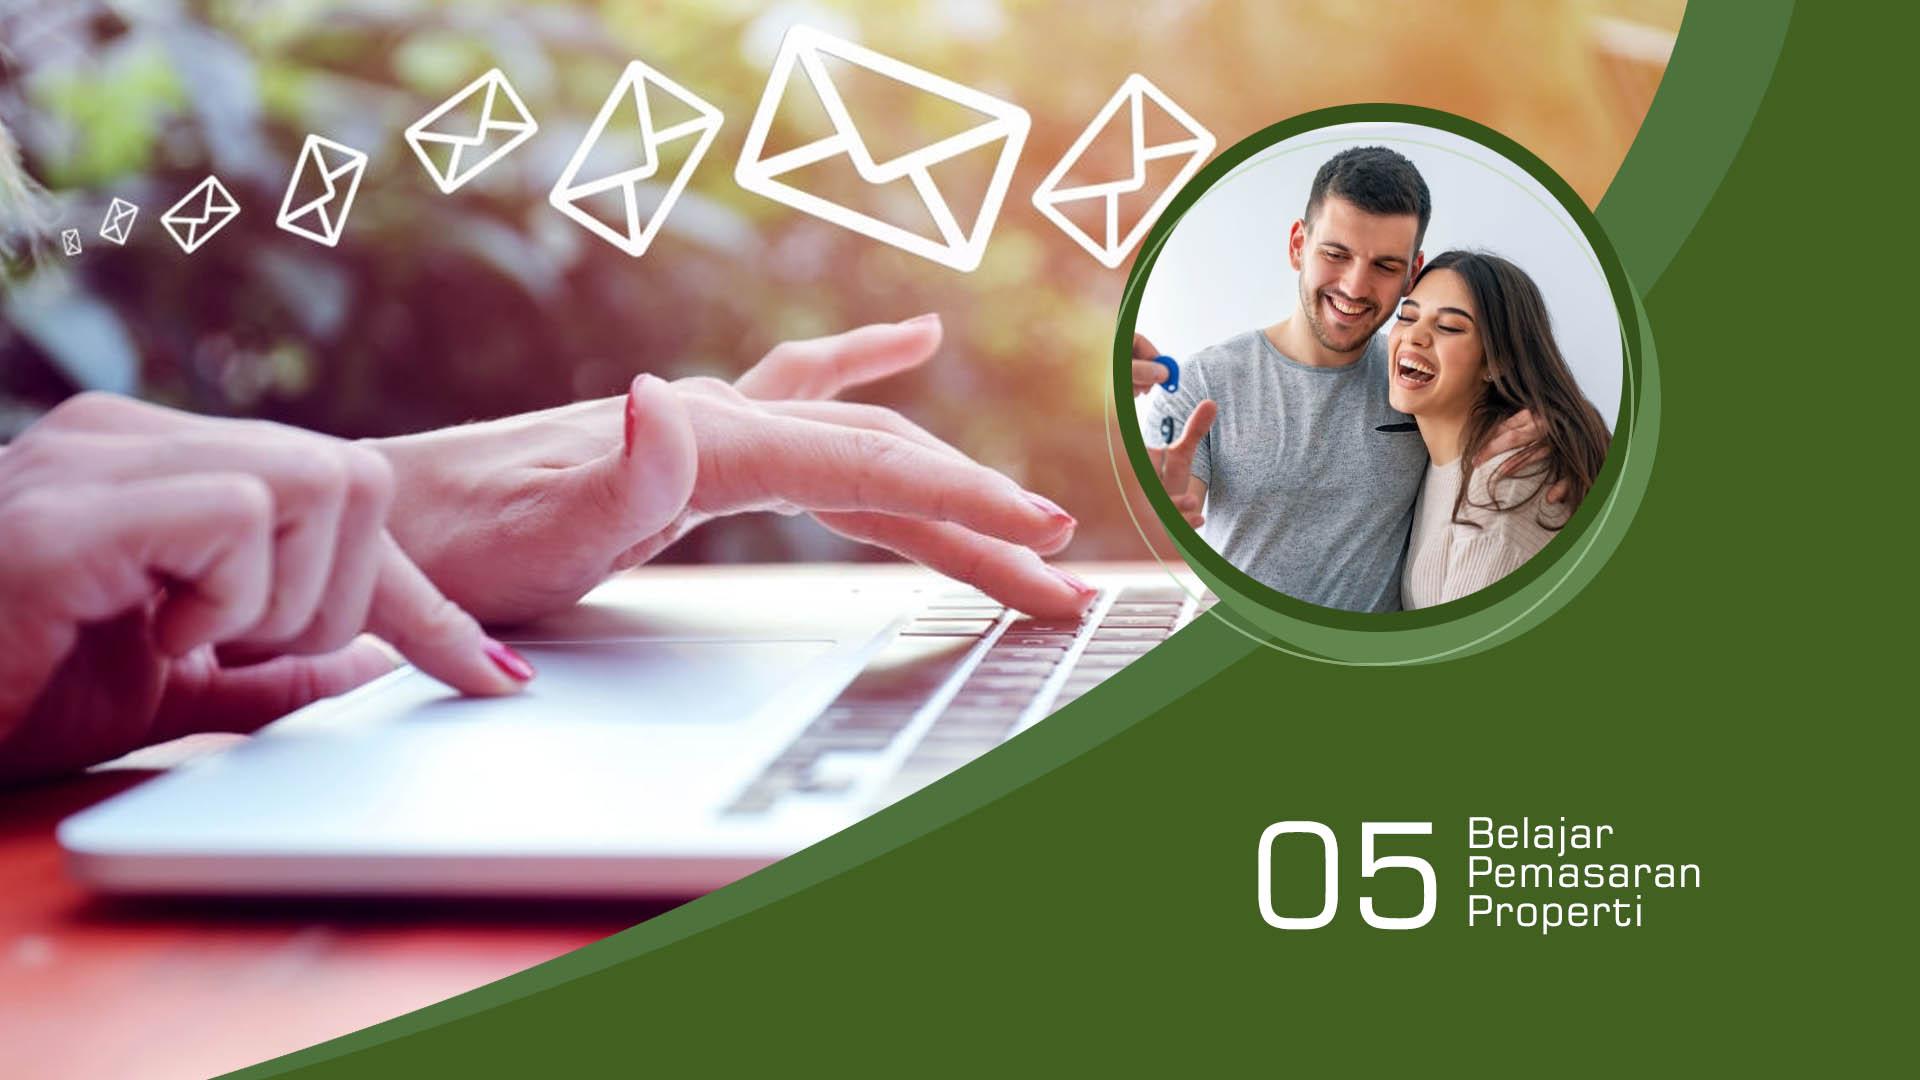 Menjual Properti Dengan Email Marketing